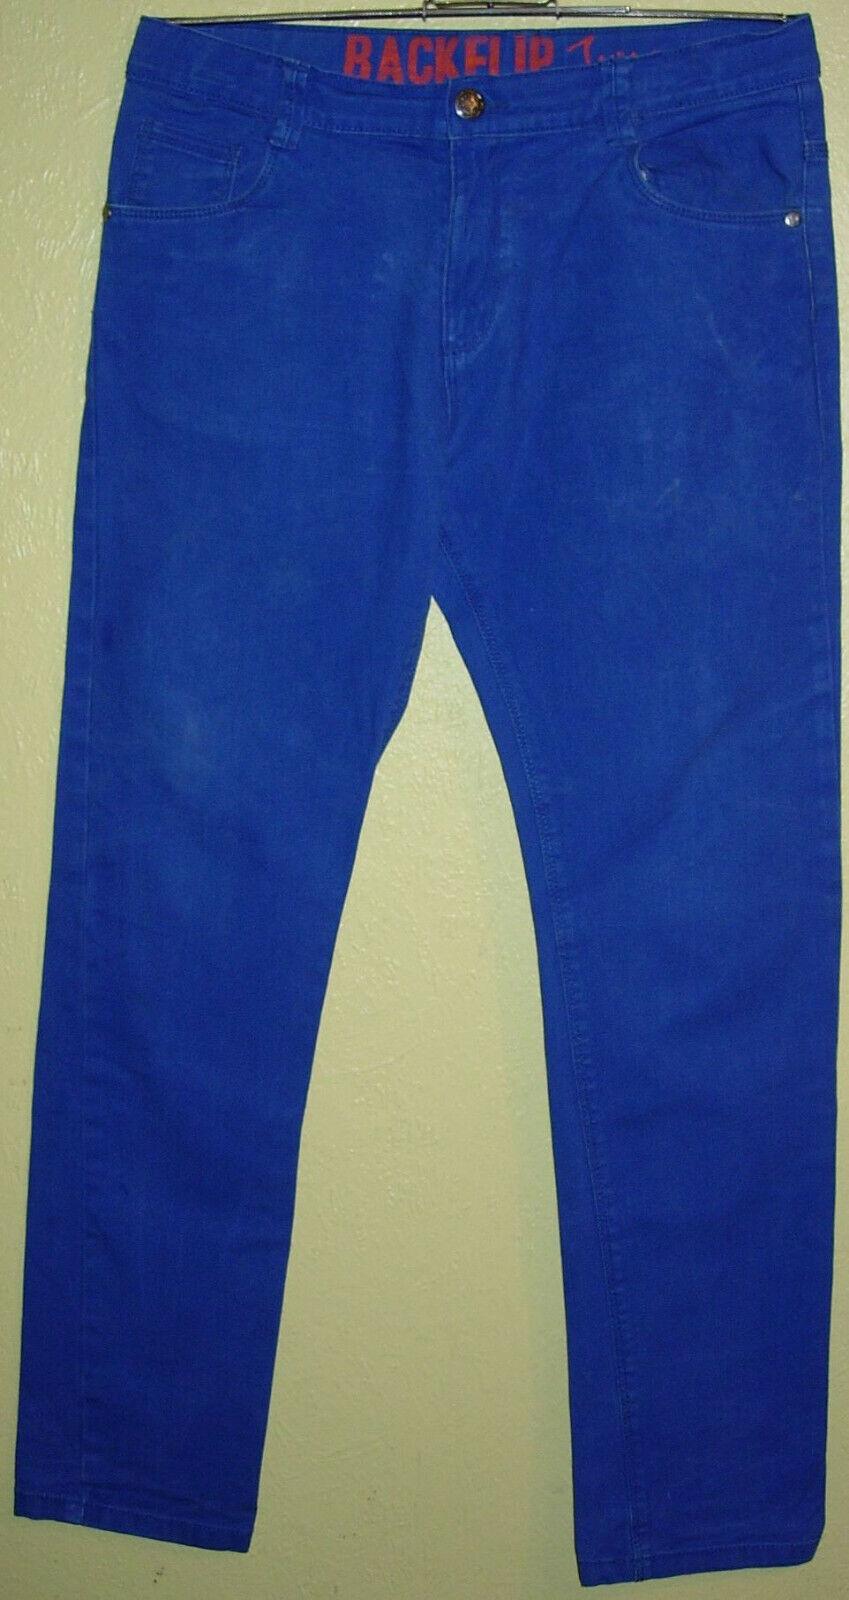 00 ) Nekische Mittelblaue Kinder Stretch Jeans Gr. 164 Der Firma Backflip JUMP